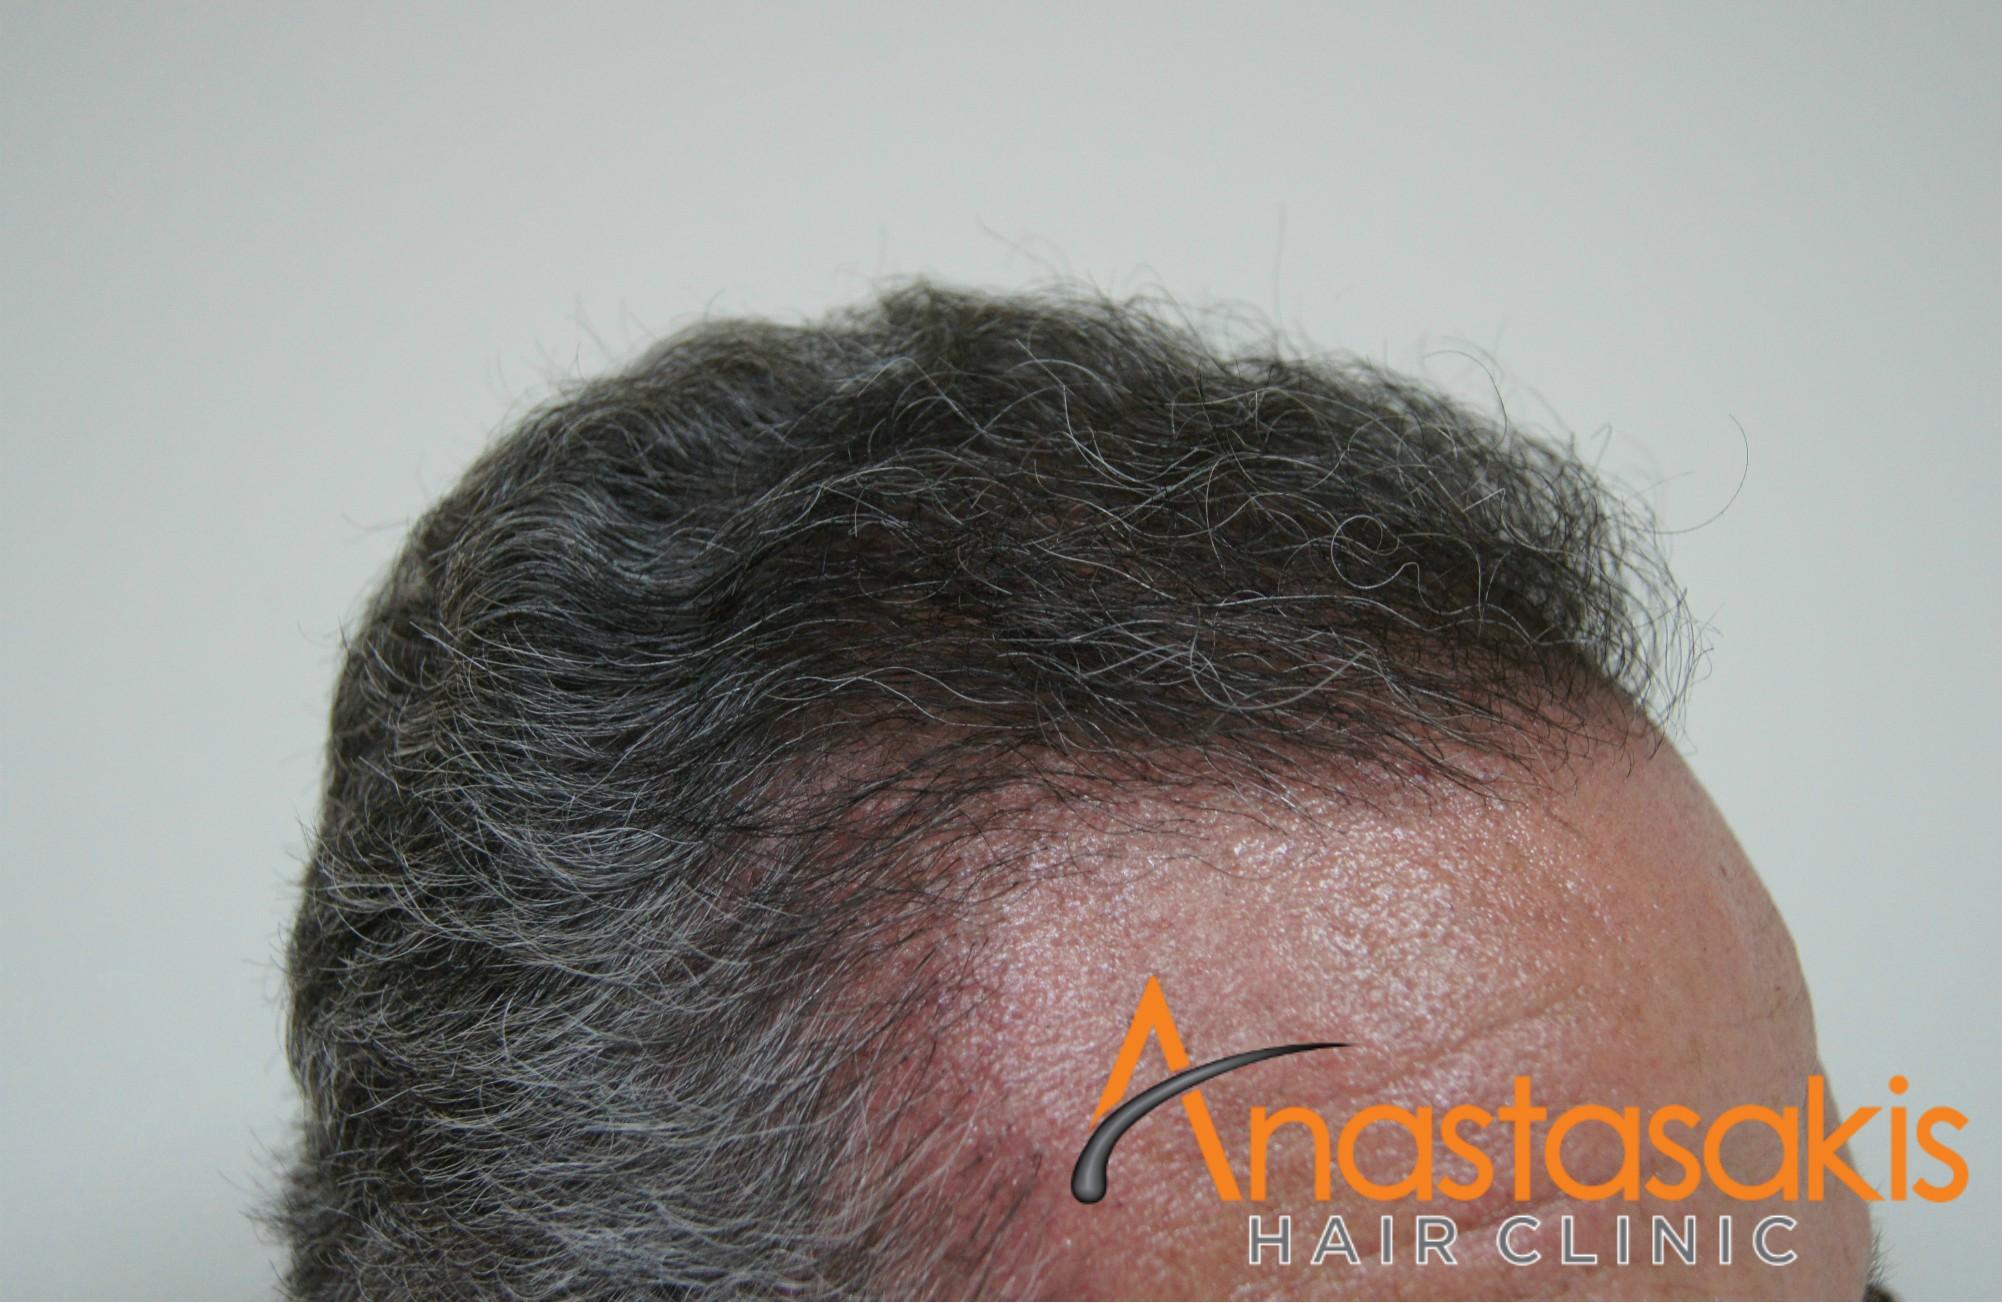 δεξι προφιλ ασθενους μετα τη μεταμοσχευση μαλλιων με 3200 fus